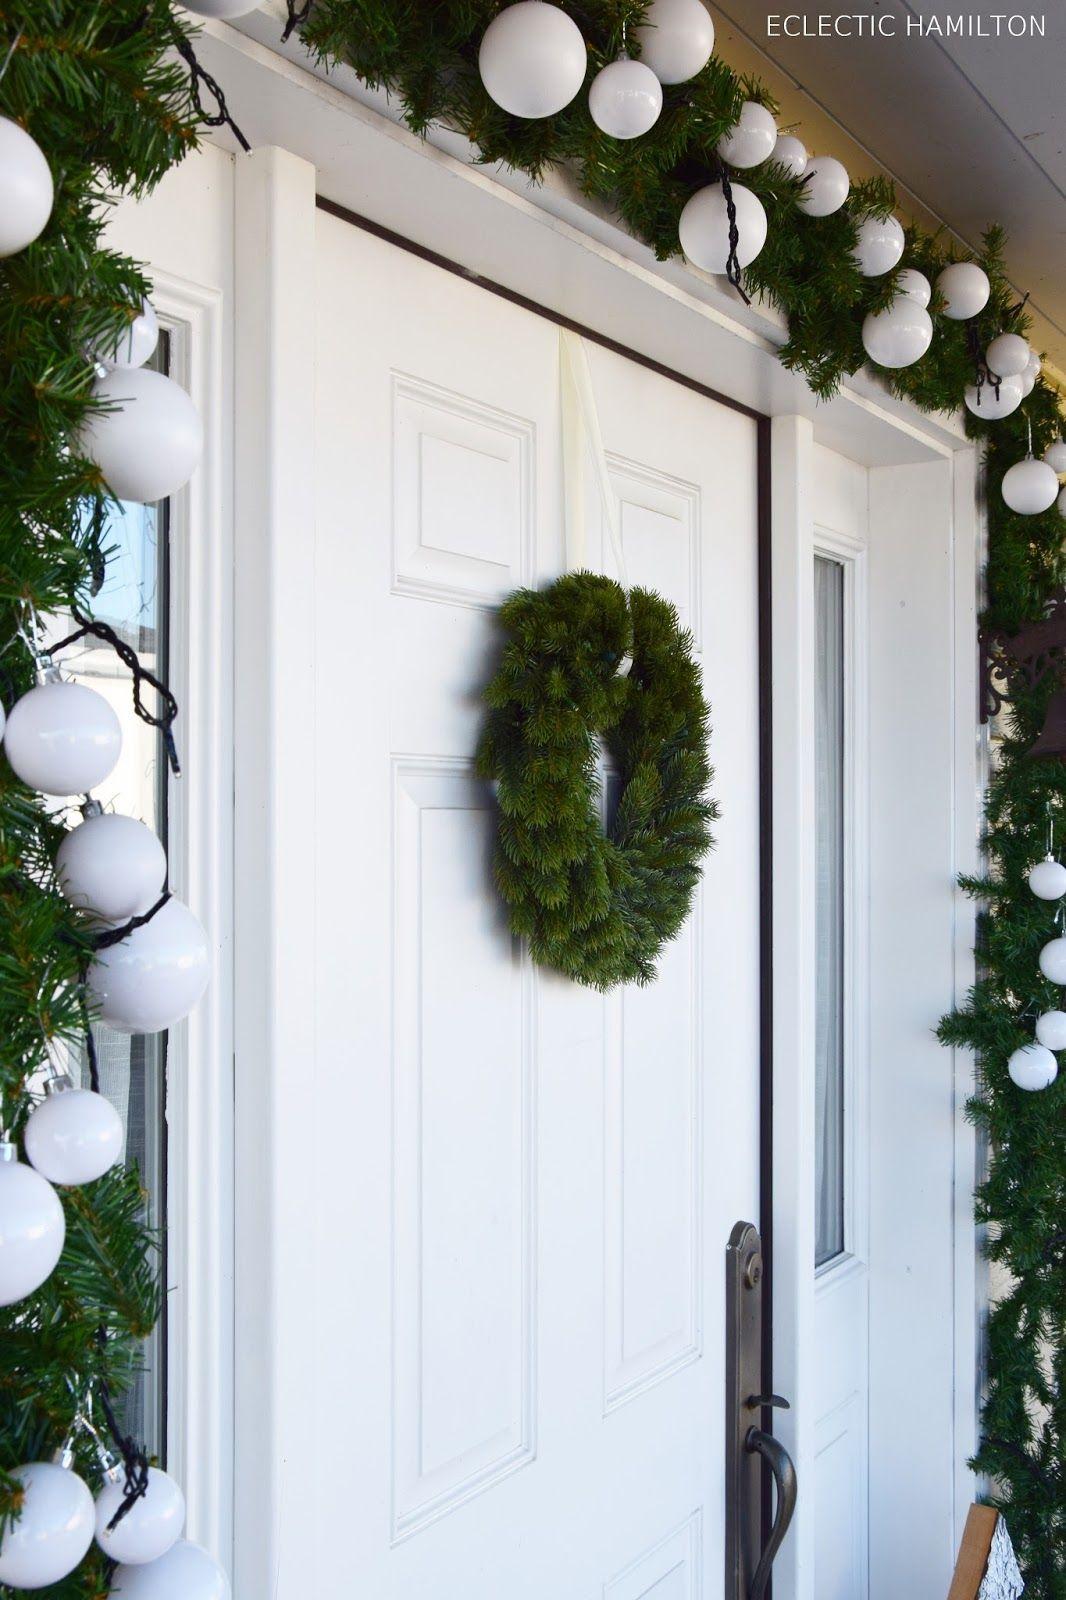 Weihnachtsdeko Haustür.Haustürdeko Weihnachten Auf Meiner Veranda Mein Blog Eclectic